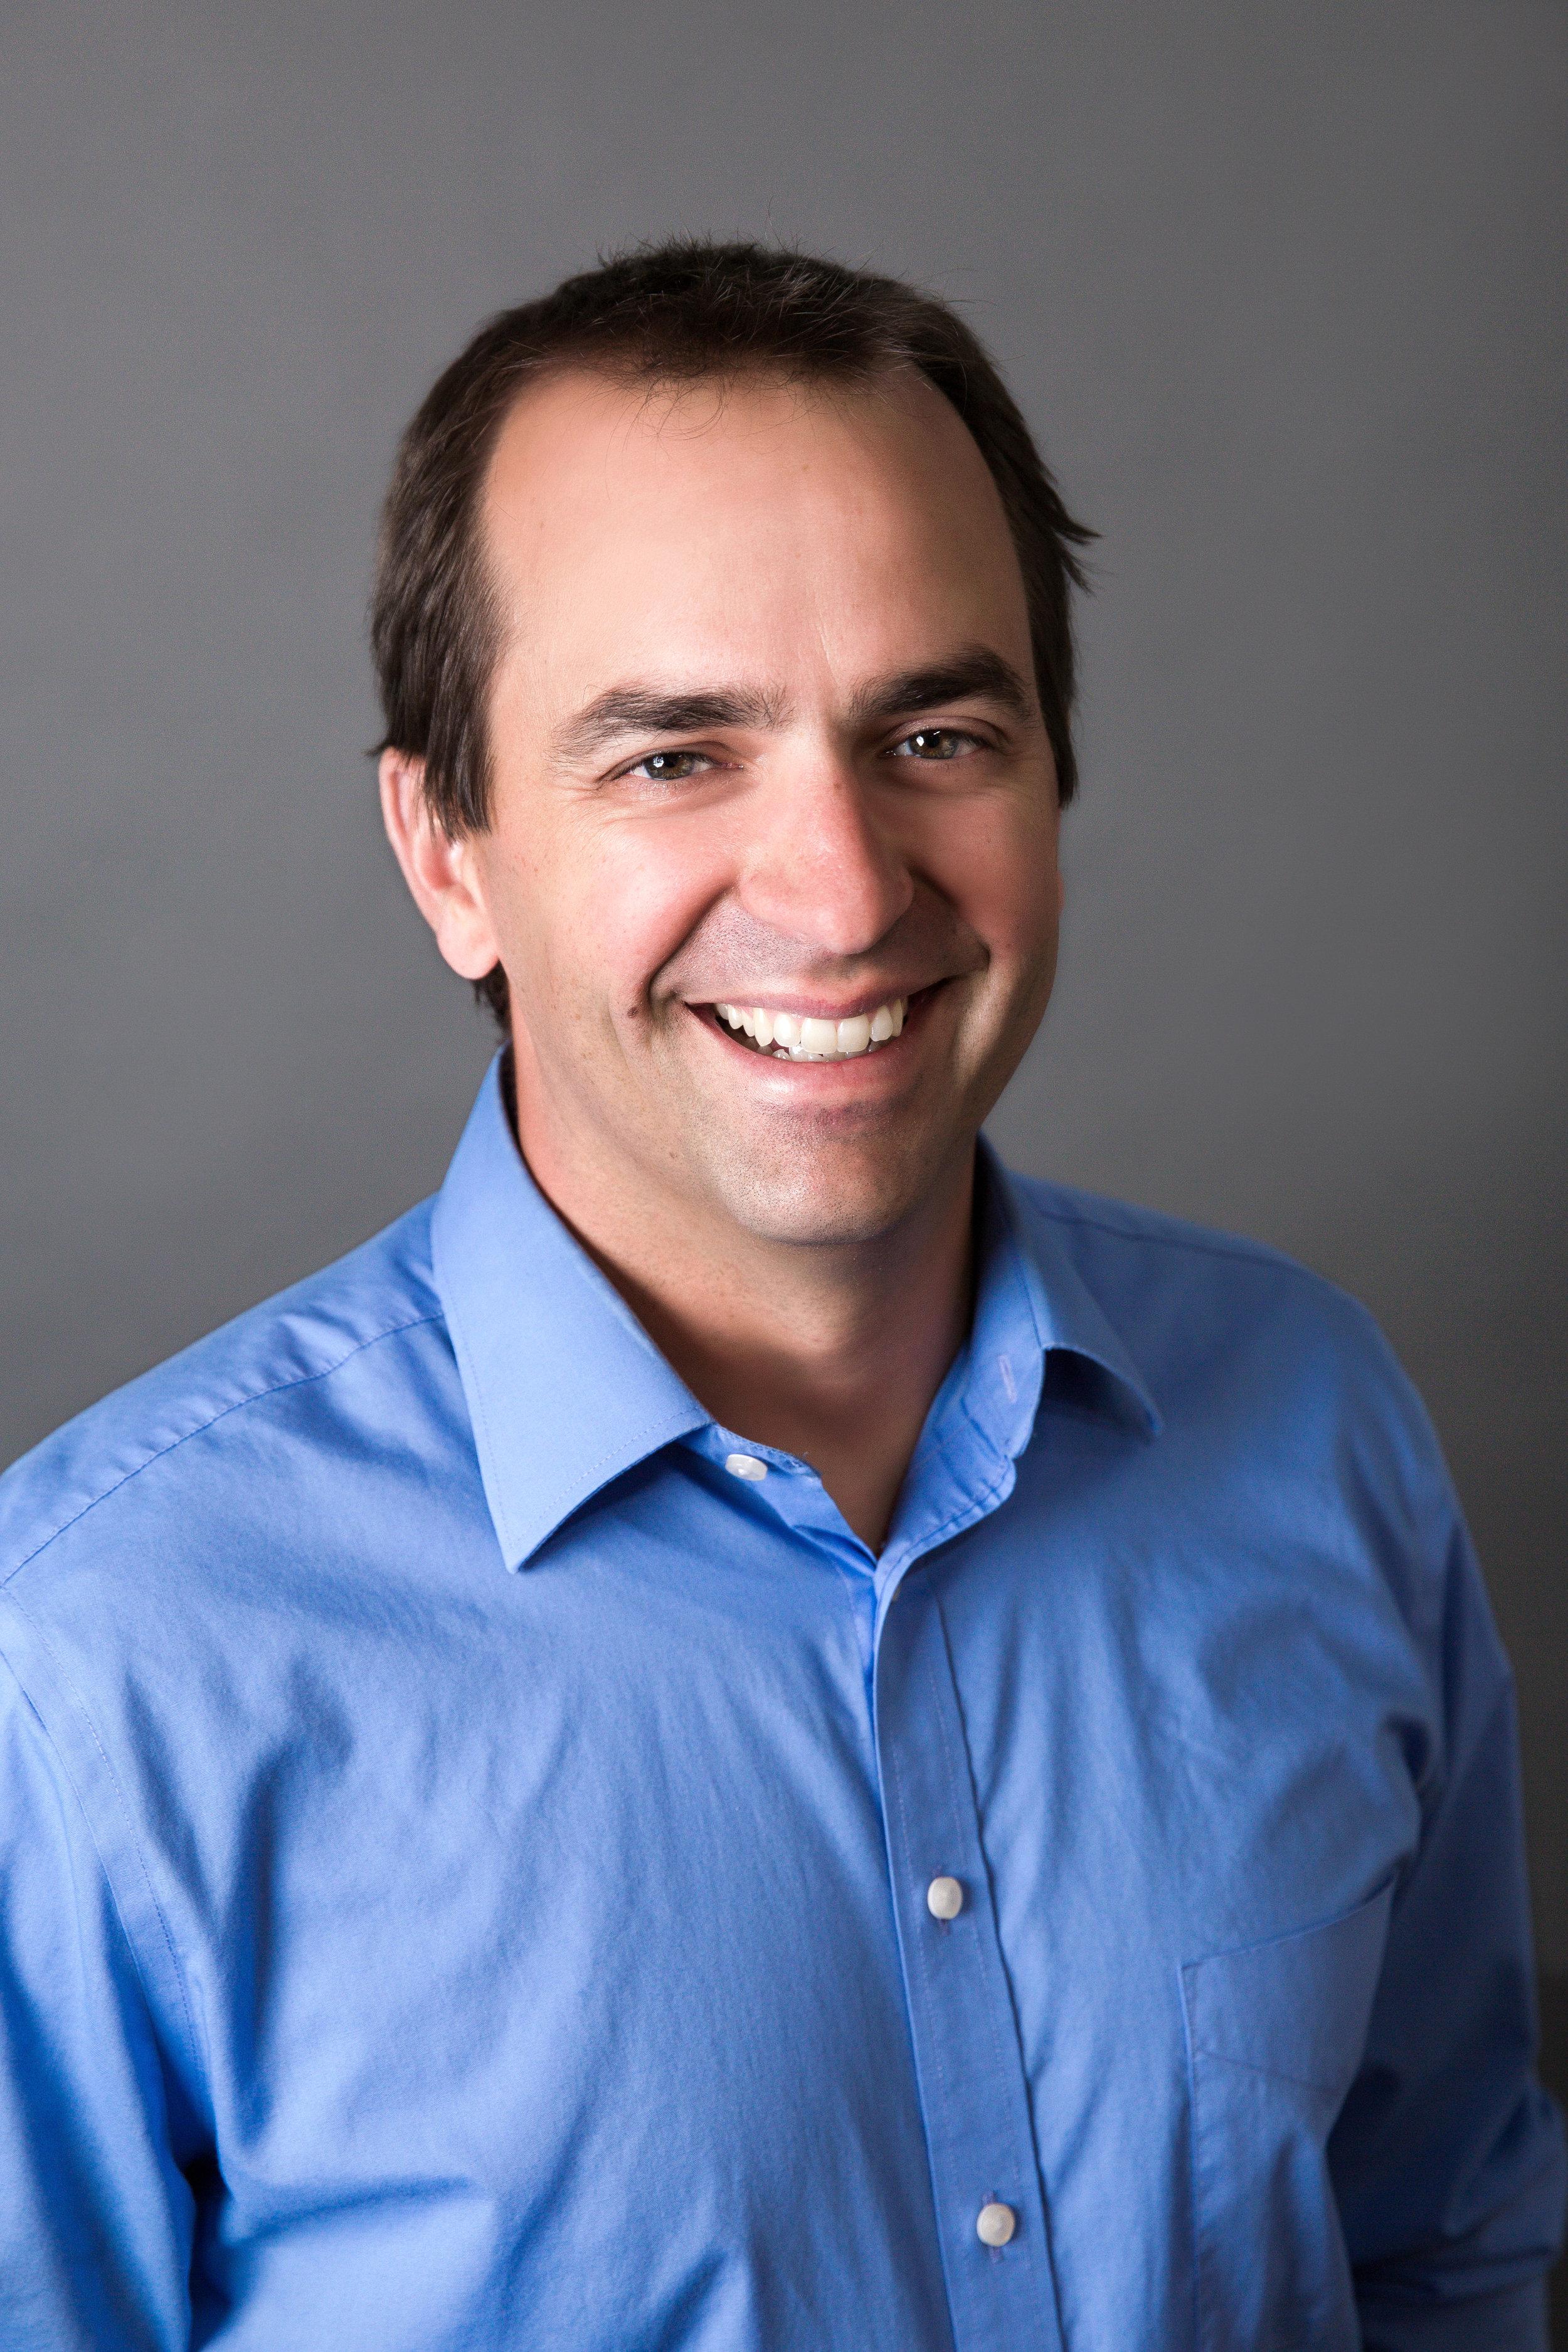 Vice President - Matt Hanson